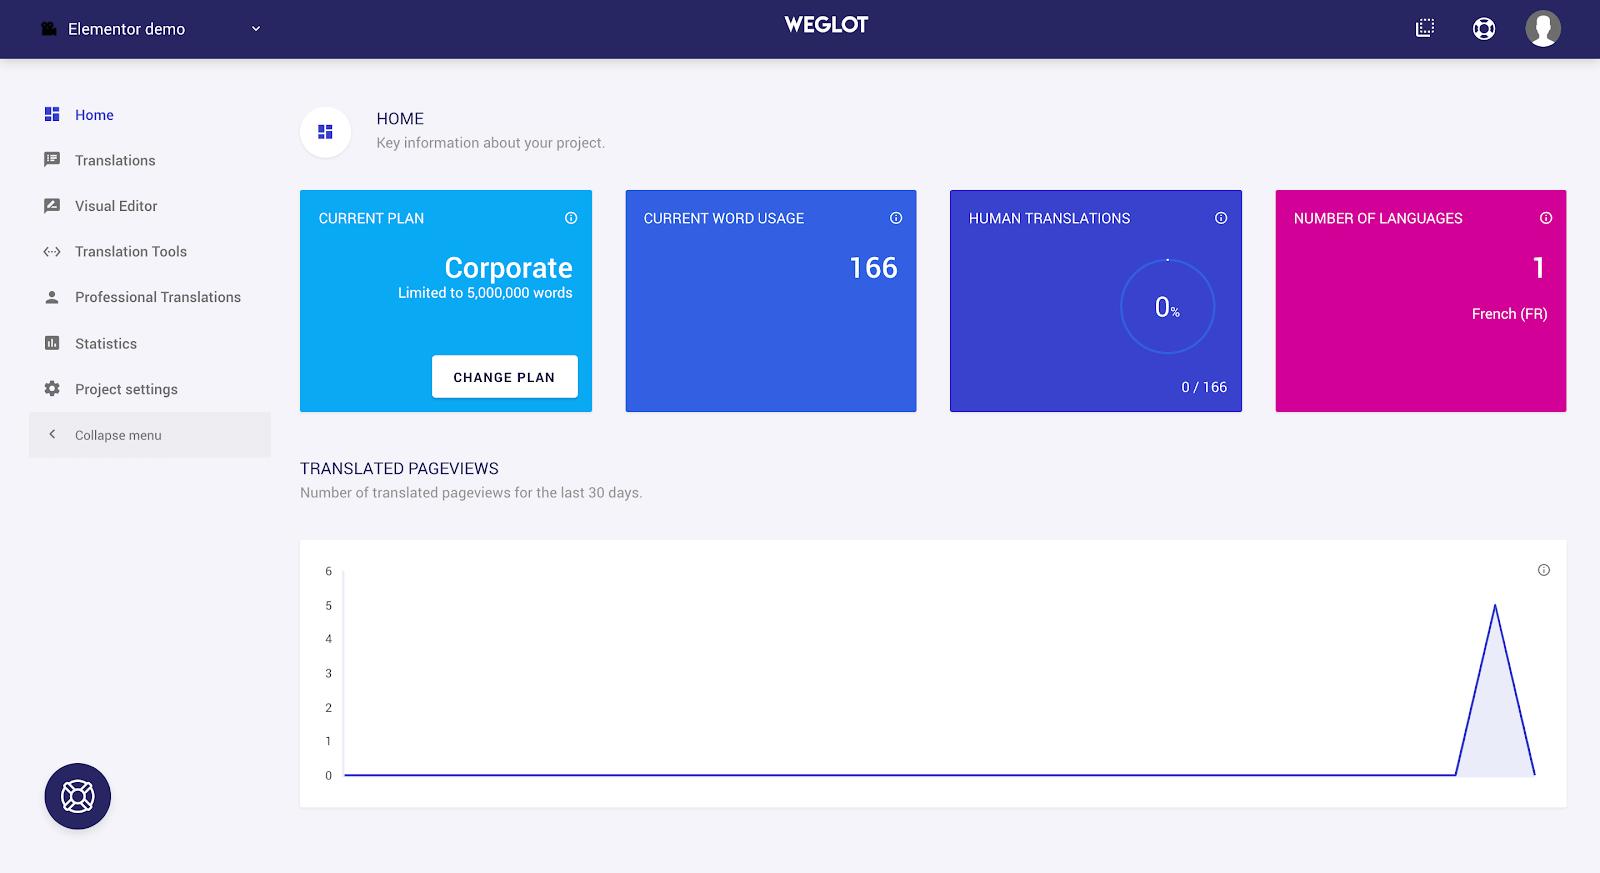 Weglot Dashboard